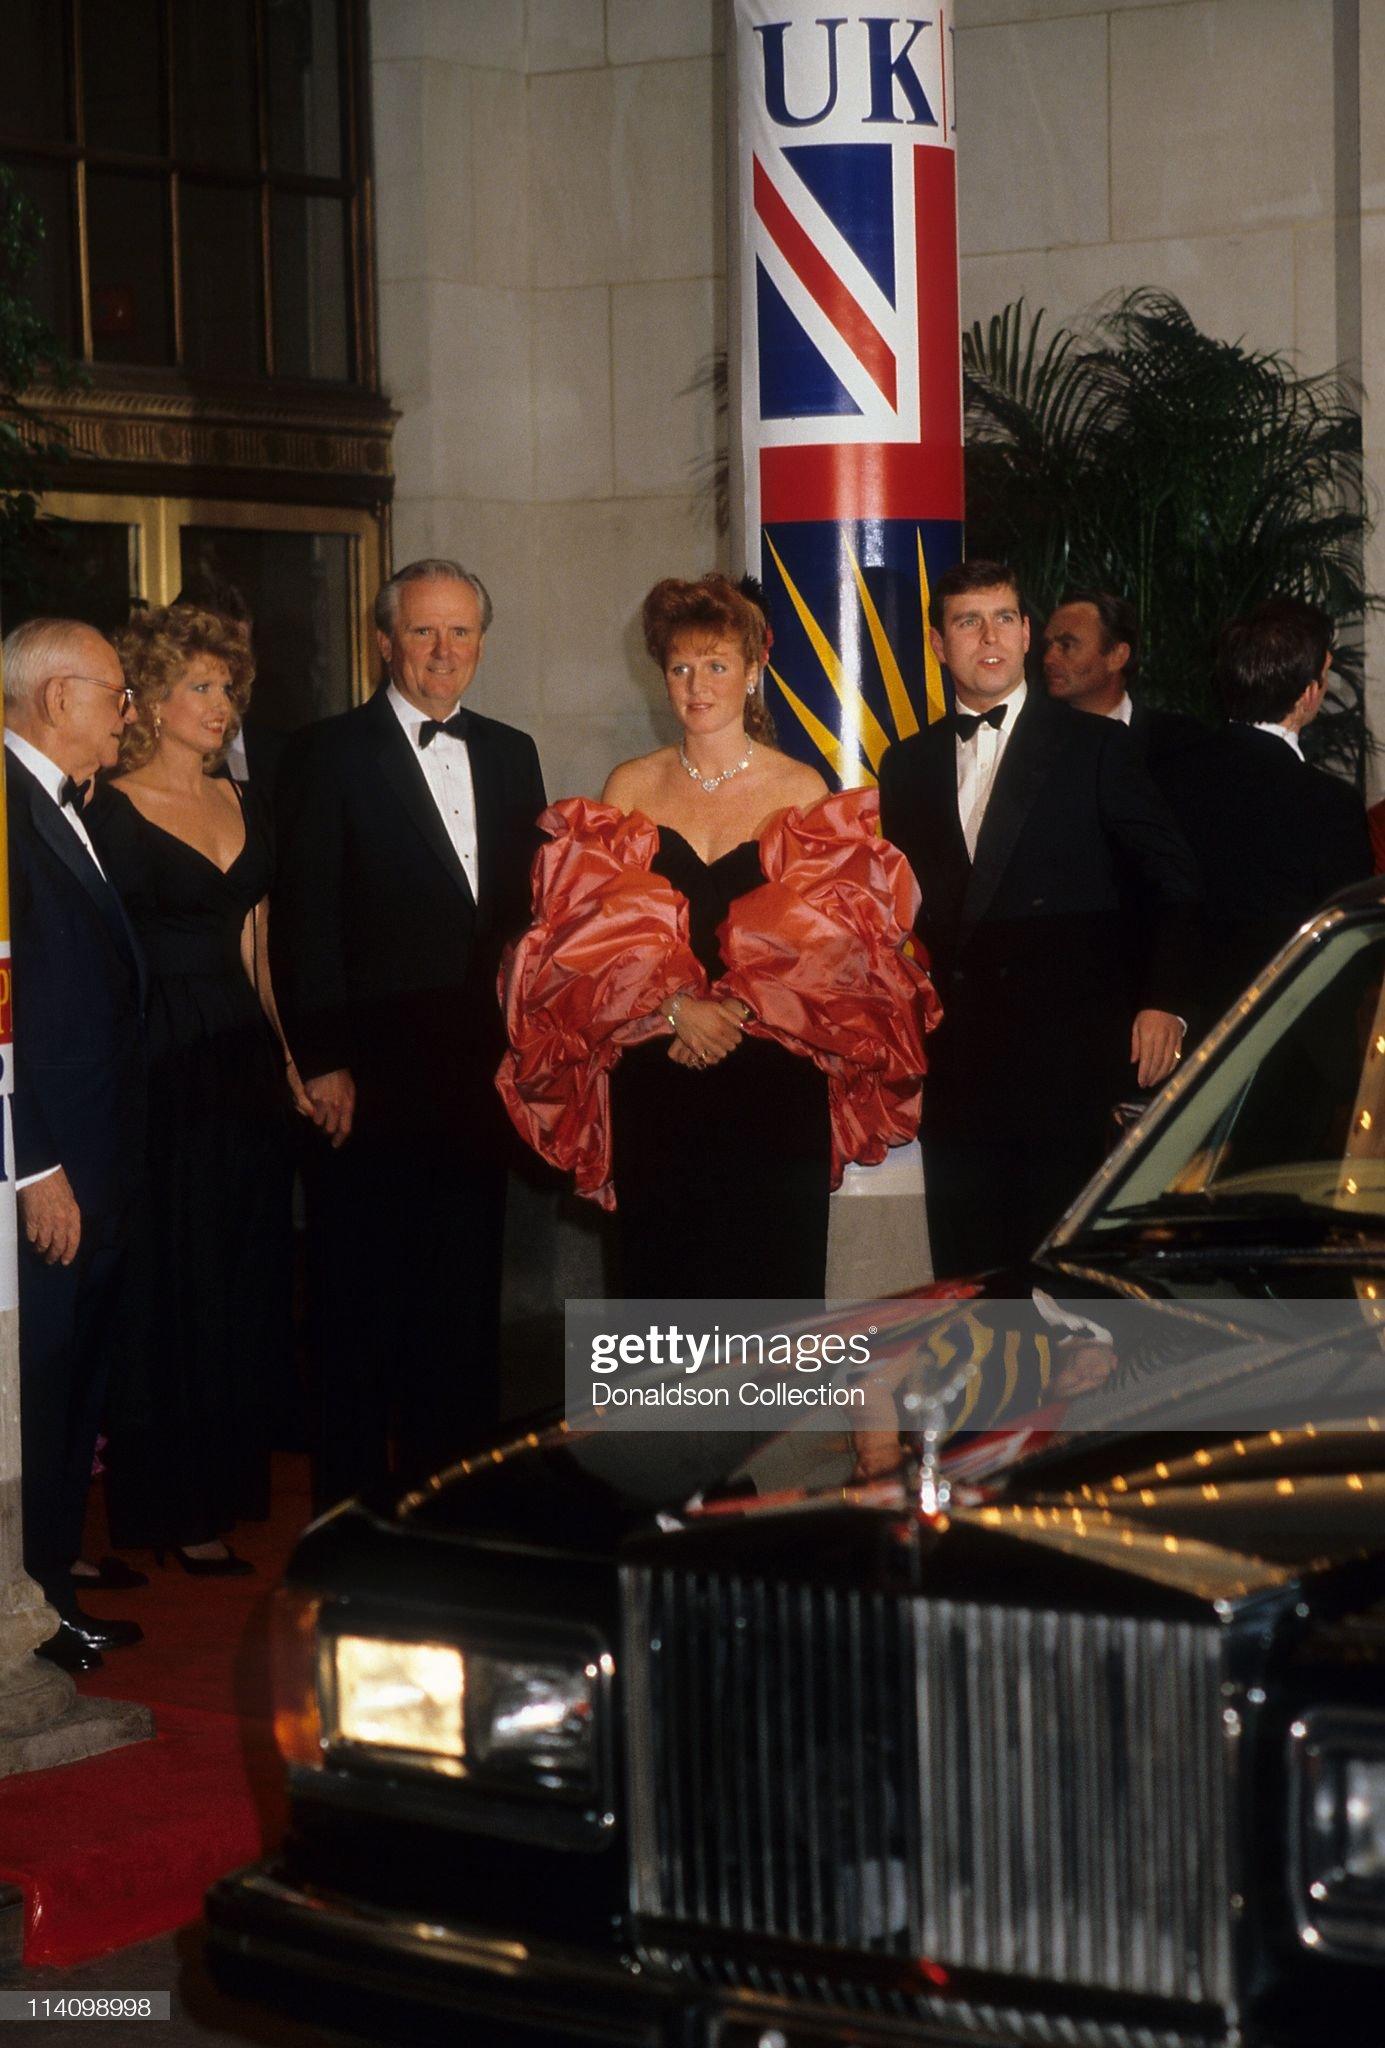 Вечерние наряды Отем пока еще Филлипс и Сары Йоркской Sarah Ferguson and Prince Andrew at Bel Age Hotel Event : News Photo